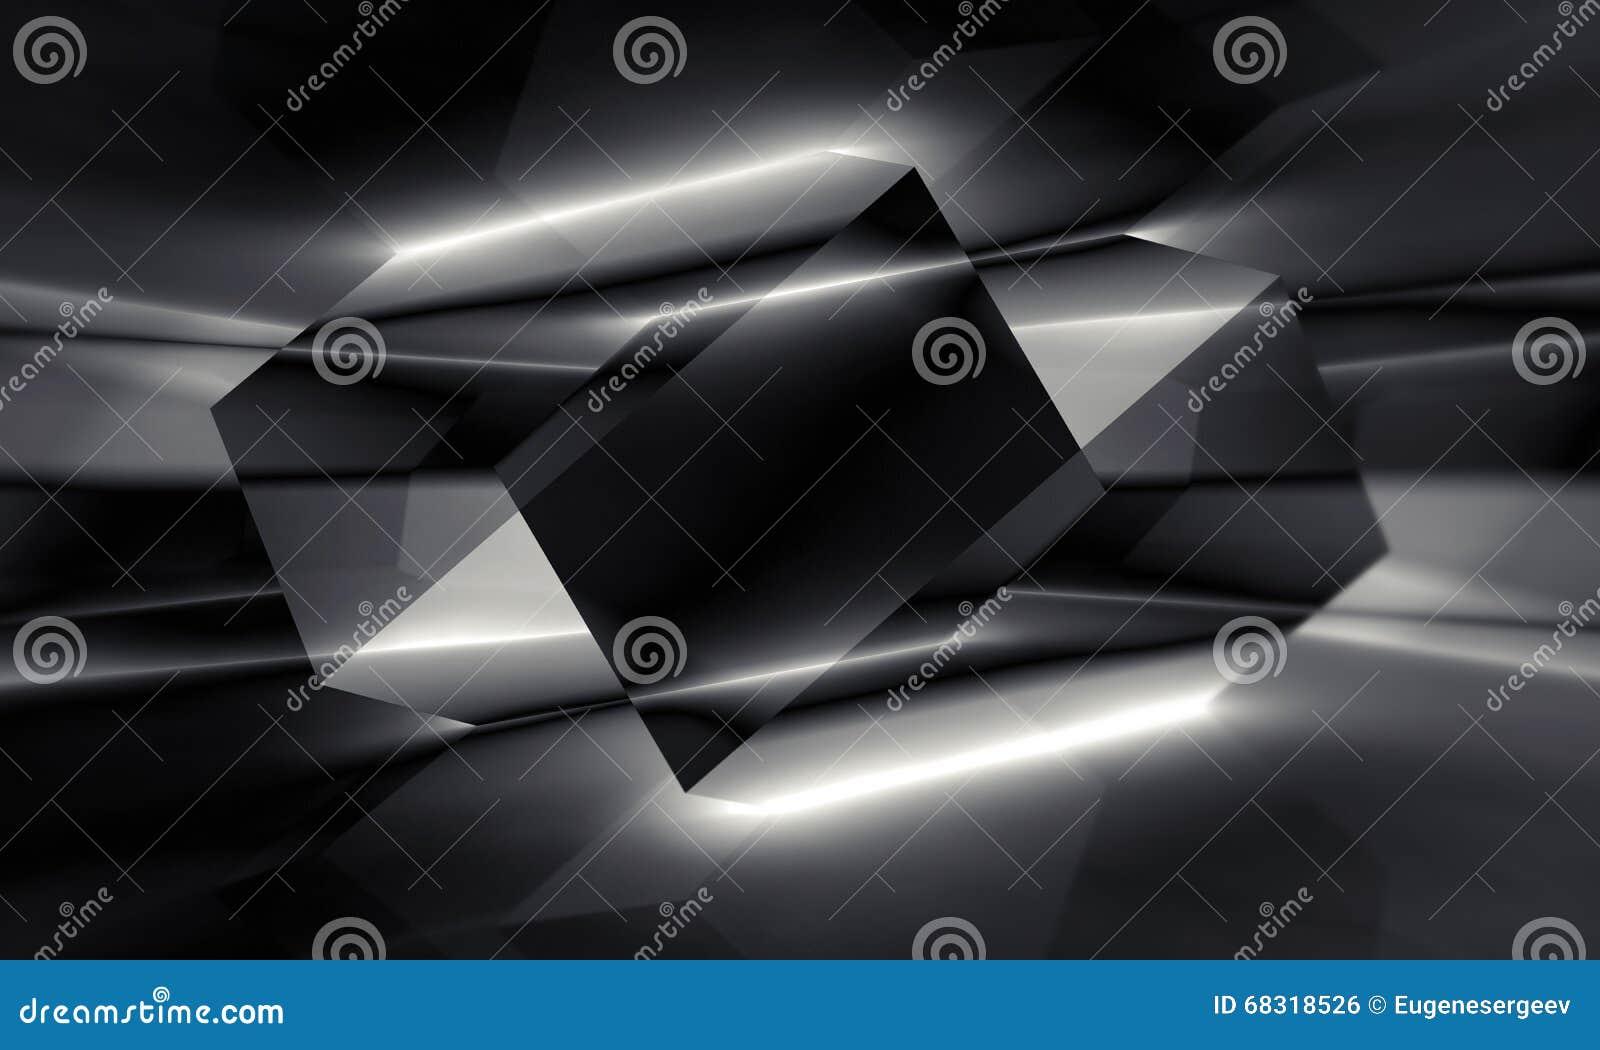 Estructura Cristalina Poligonal Negra Ejemplo 3d Stock De